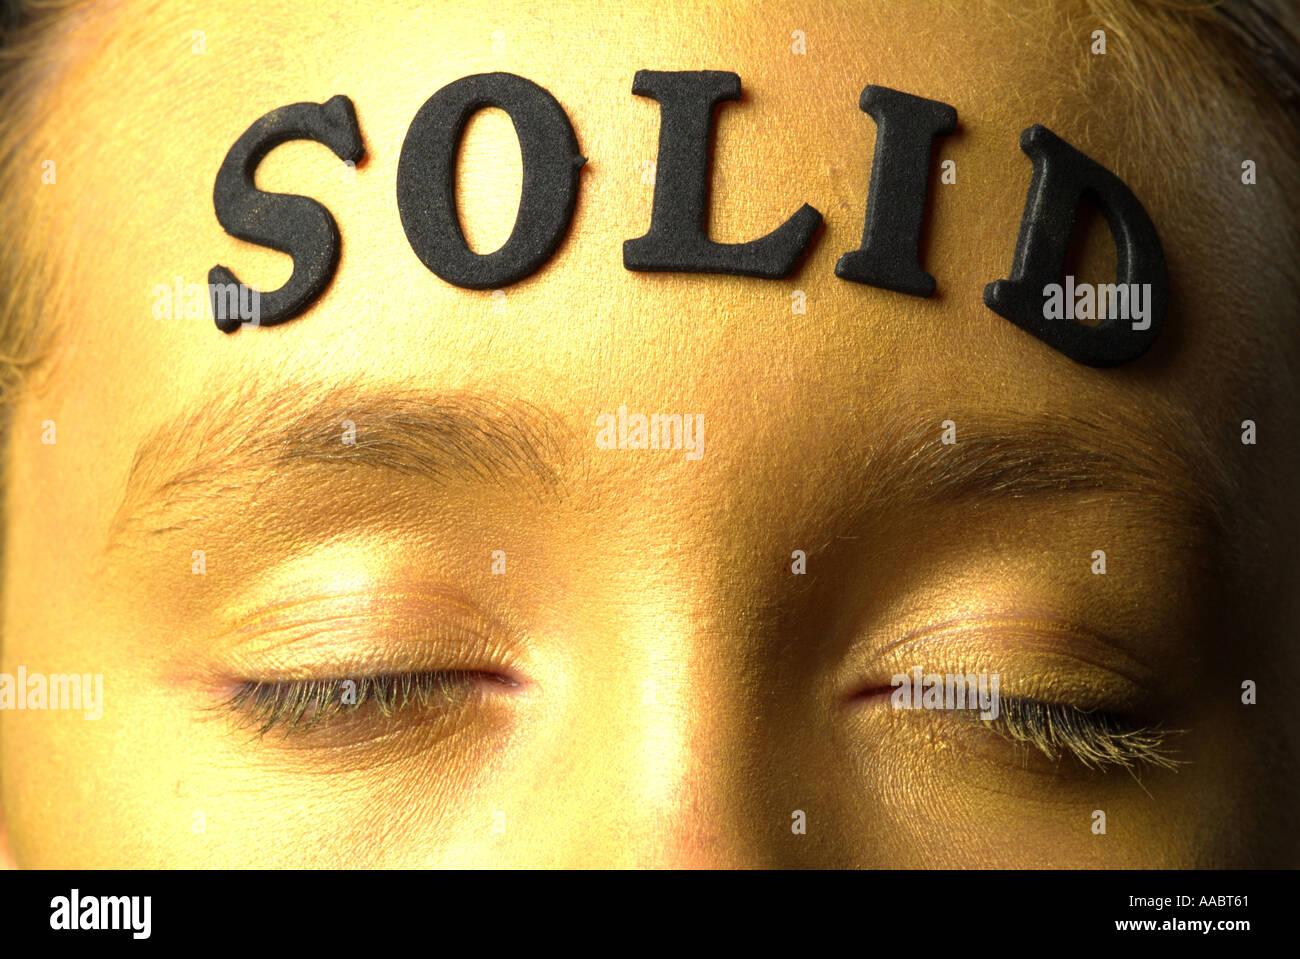 La faccia di oro oro ragazza faccia la ragazza con gli occhi aperti urlando centro di fronte solido scritte in oro Immagini Stock